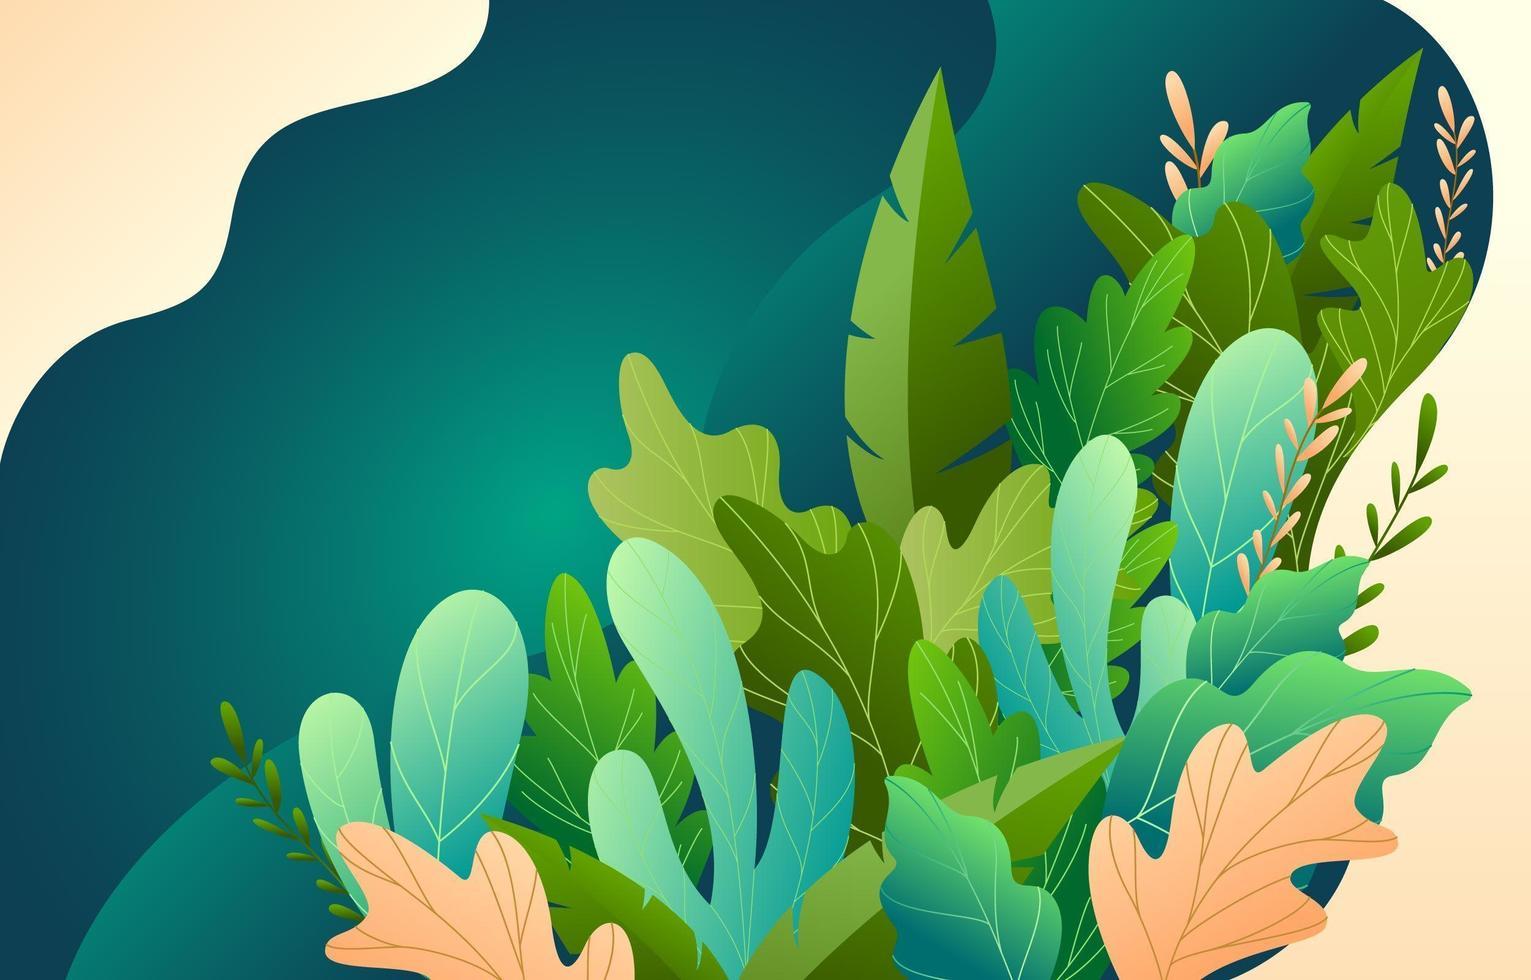 schattig bloemen met groene achtergrond vector